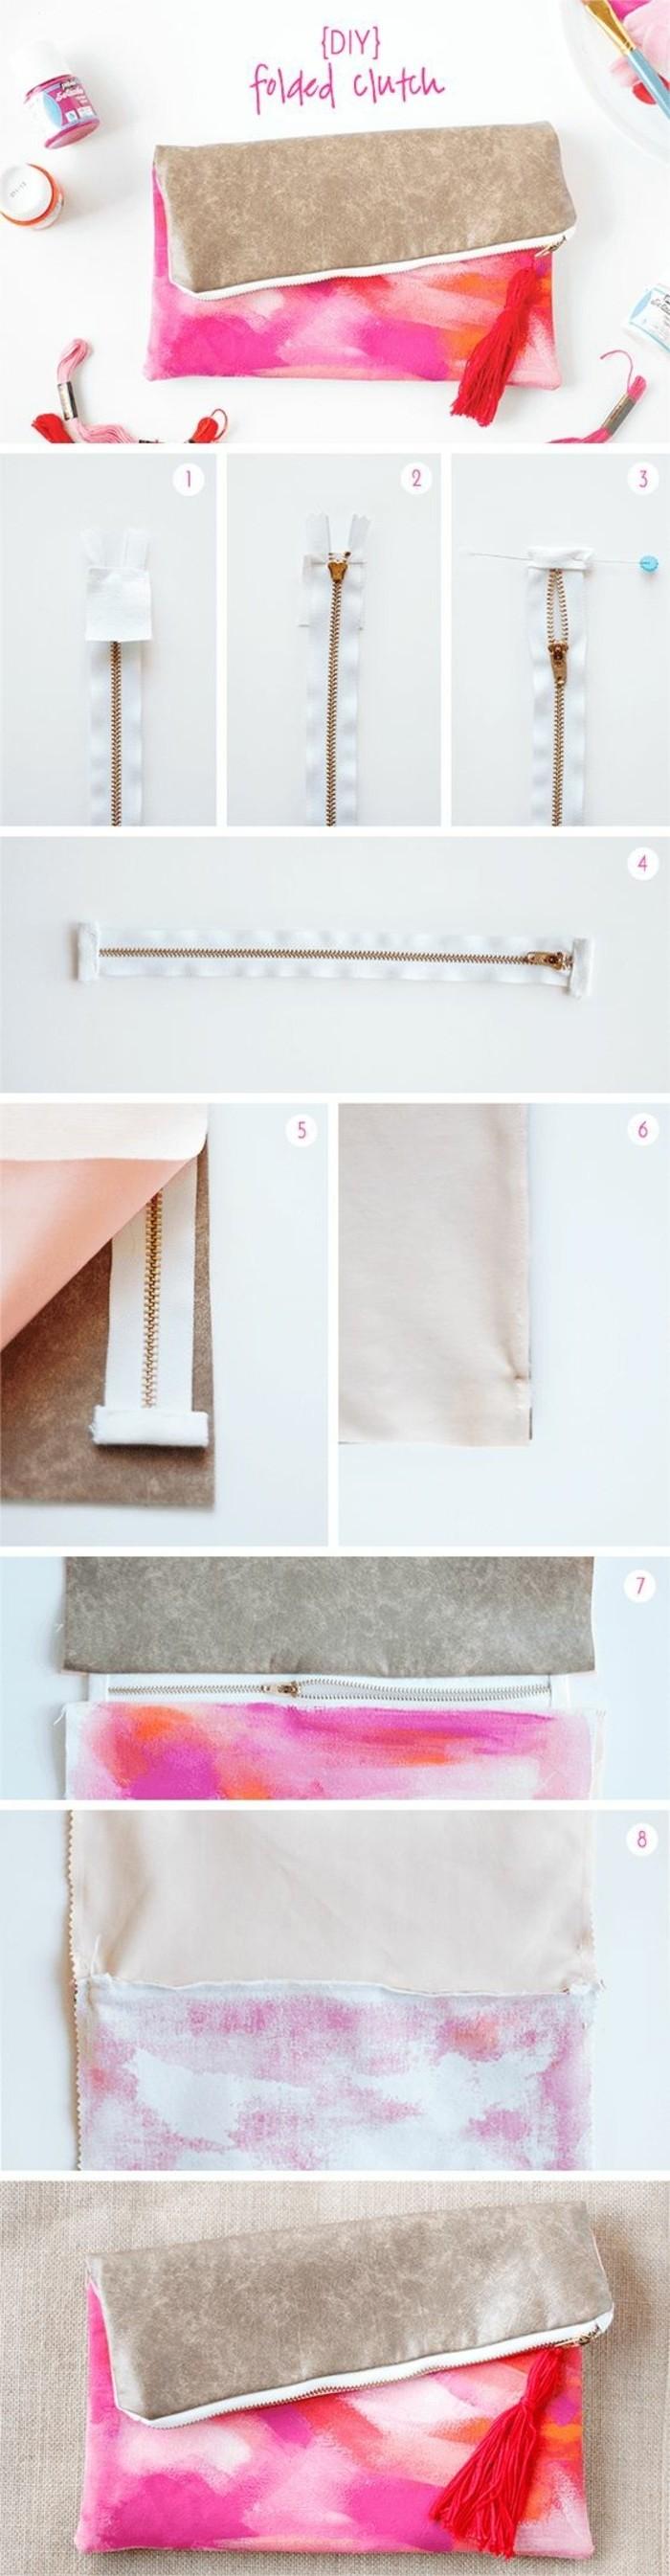 tuto-pochette-blanche-a-motifs-roses-à-faire-soi-meme-étapes-de-la-fabrication-d-un-modele-de-pochette-cousue-avec-une-fermeture-zippée